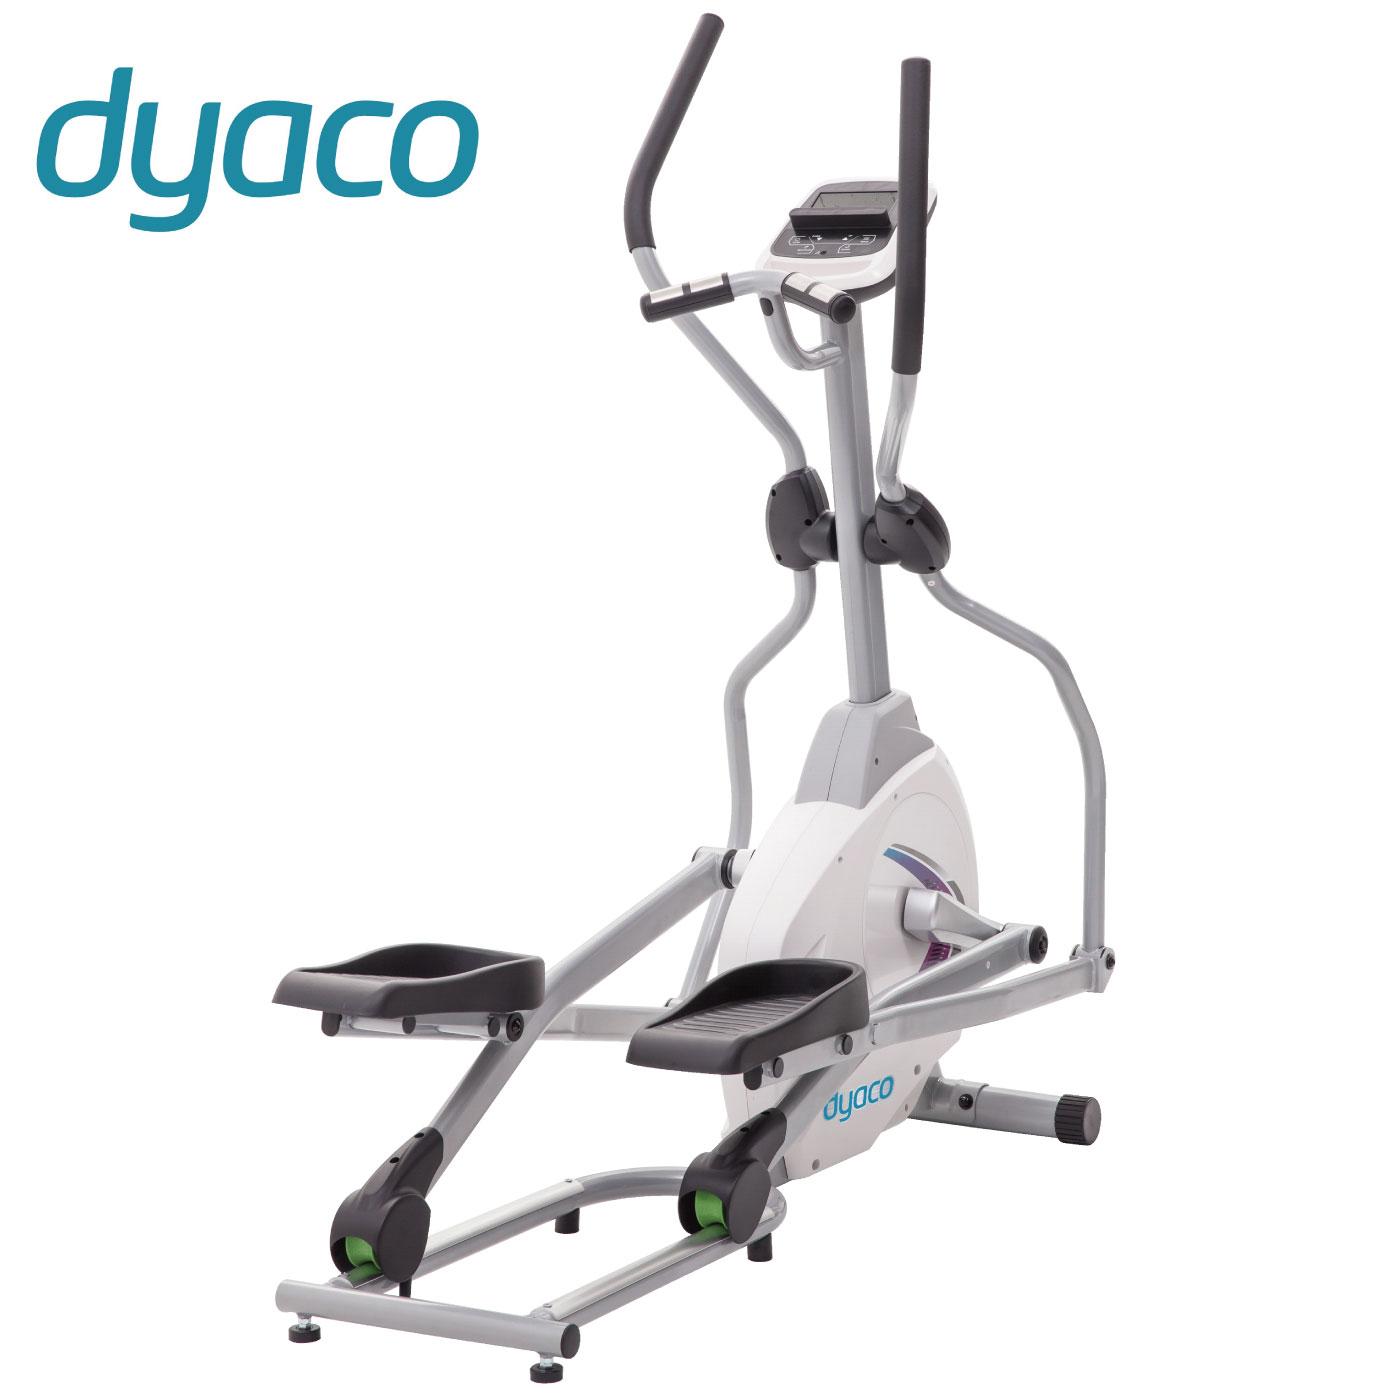 SE205-43/家庭用クロストレーナー(エリプティカル)《DYACO(ダイヤコ)》